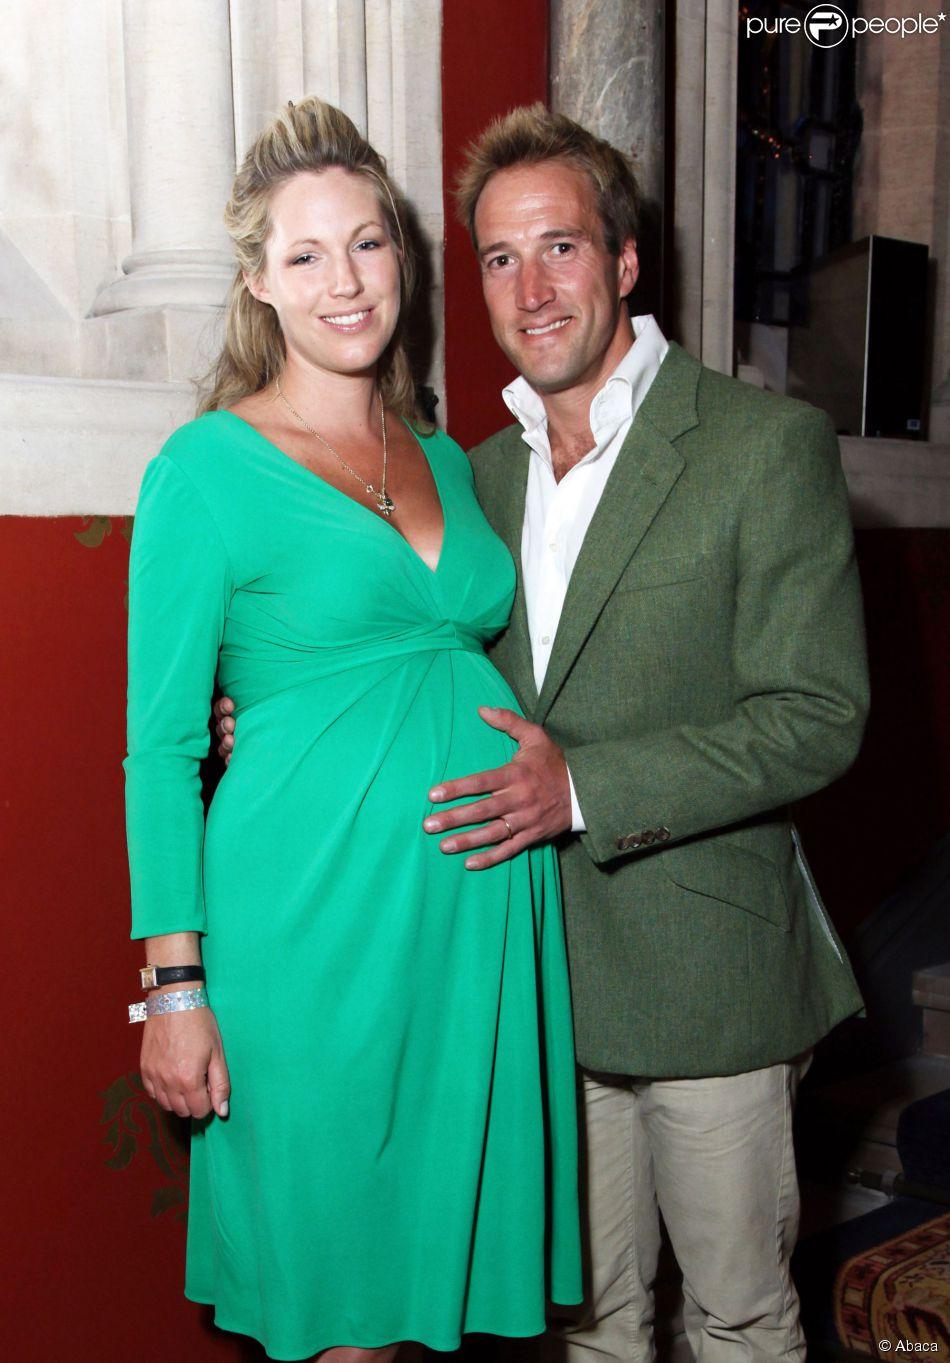 Ben fogle 39 39 d vast 39 39 sa femme marina l 39 h pital apr s - Retomber enceinte apres une fausse couche ...